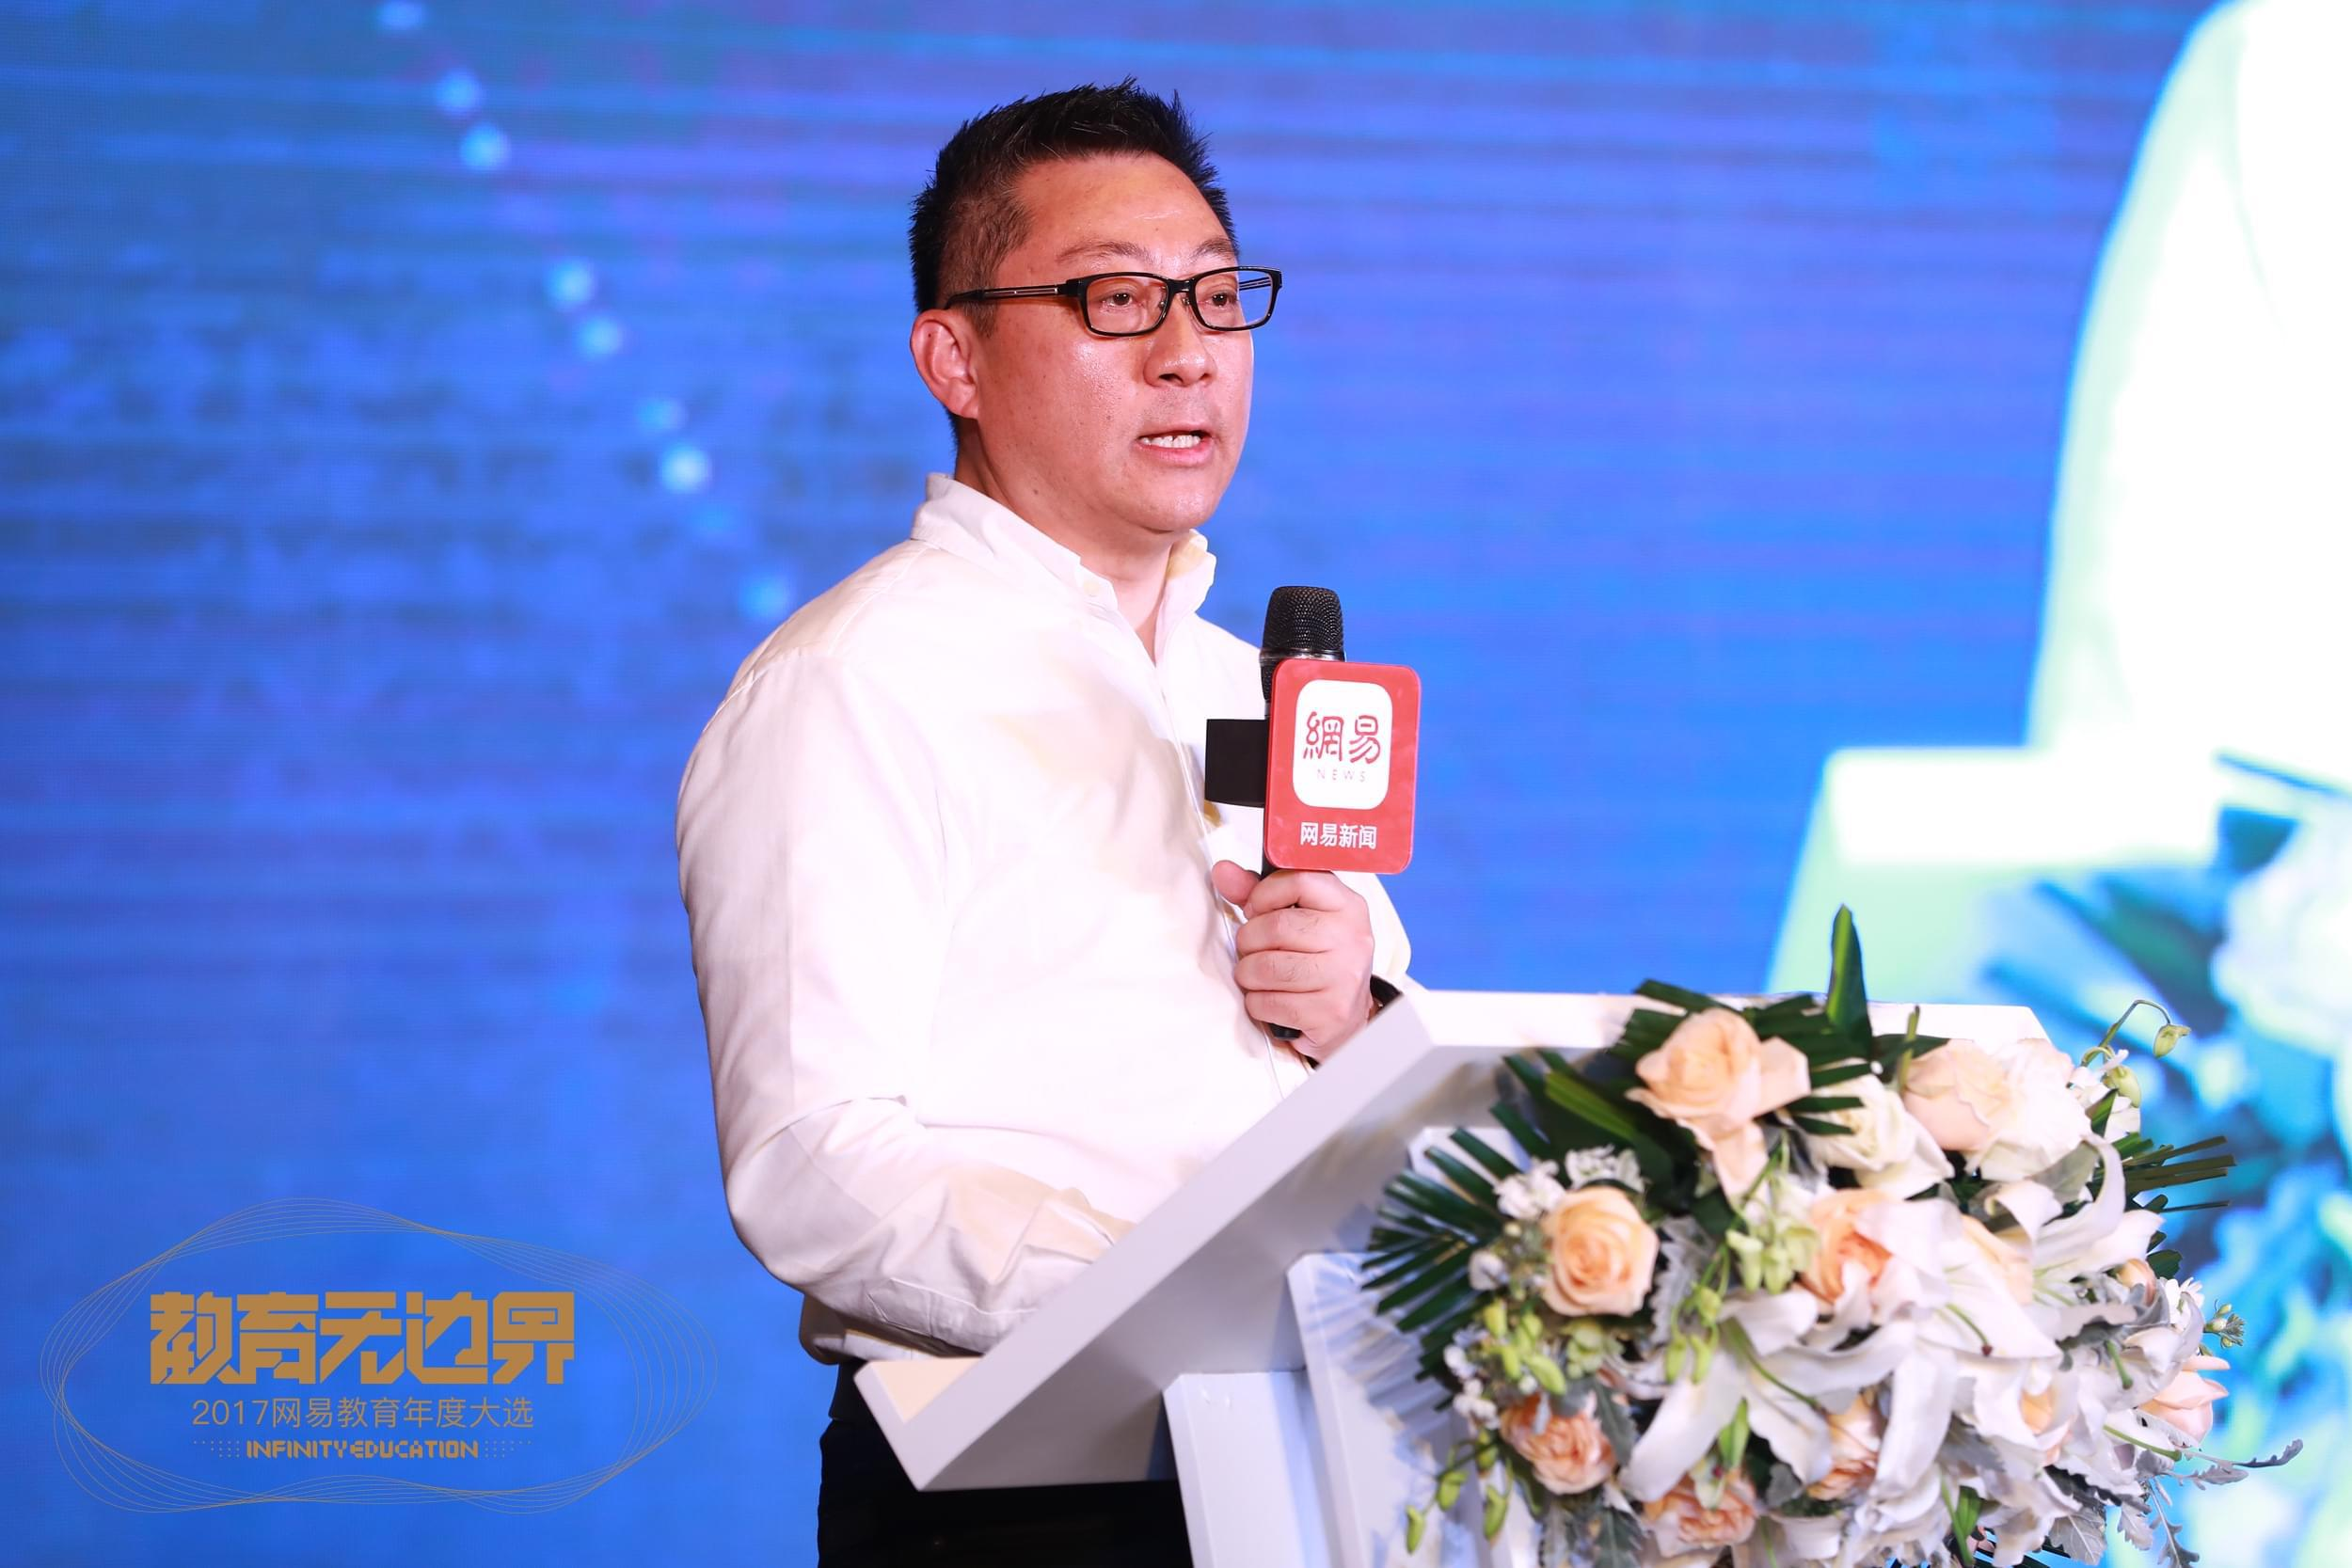 新东方教育科技集团CEO 周成刚先生